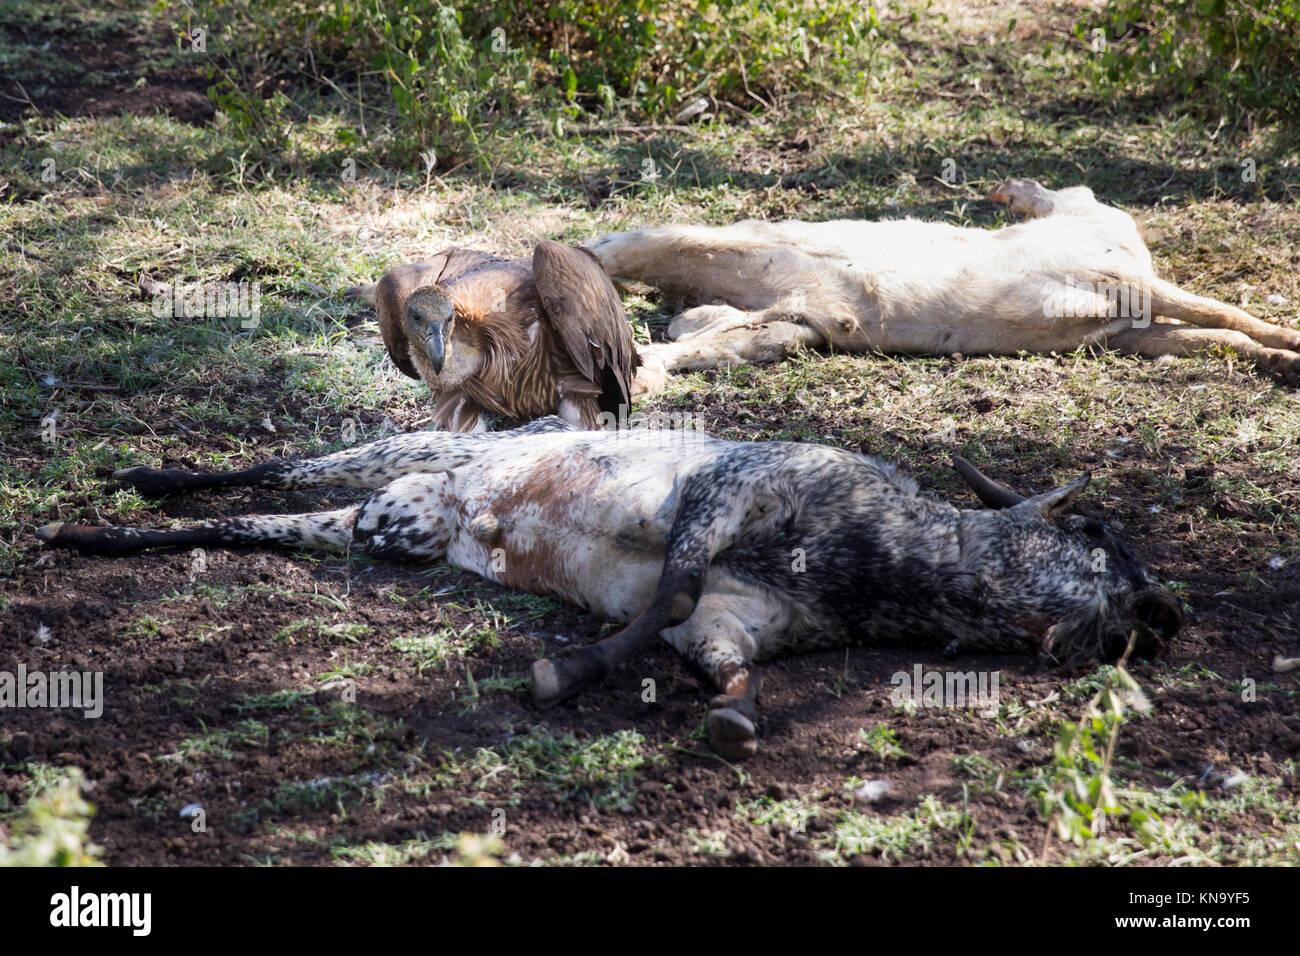 Vautour de ruppel alimentation bétail mort en Ethiopie Photo Stock